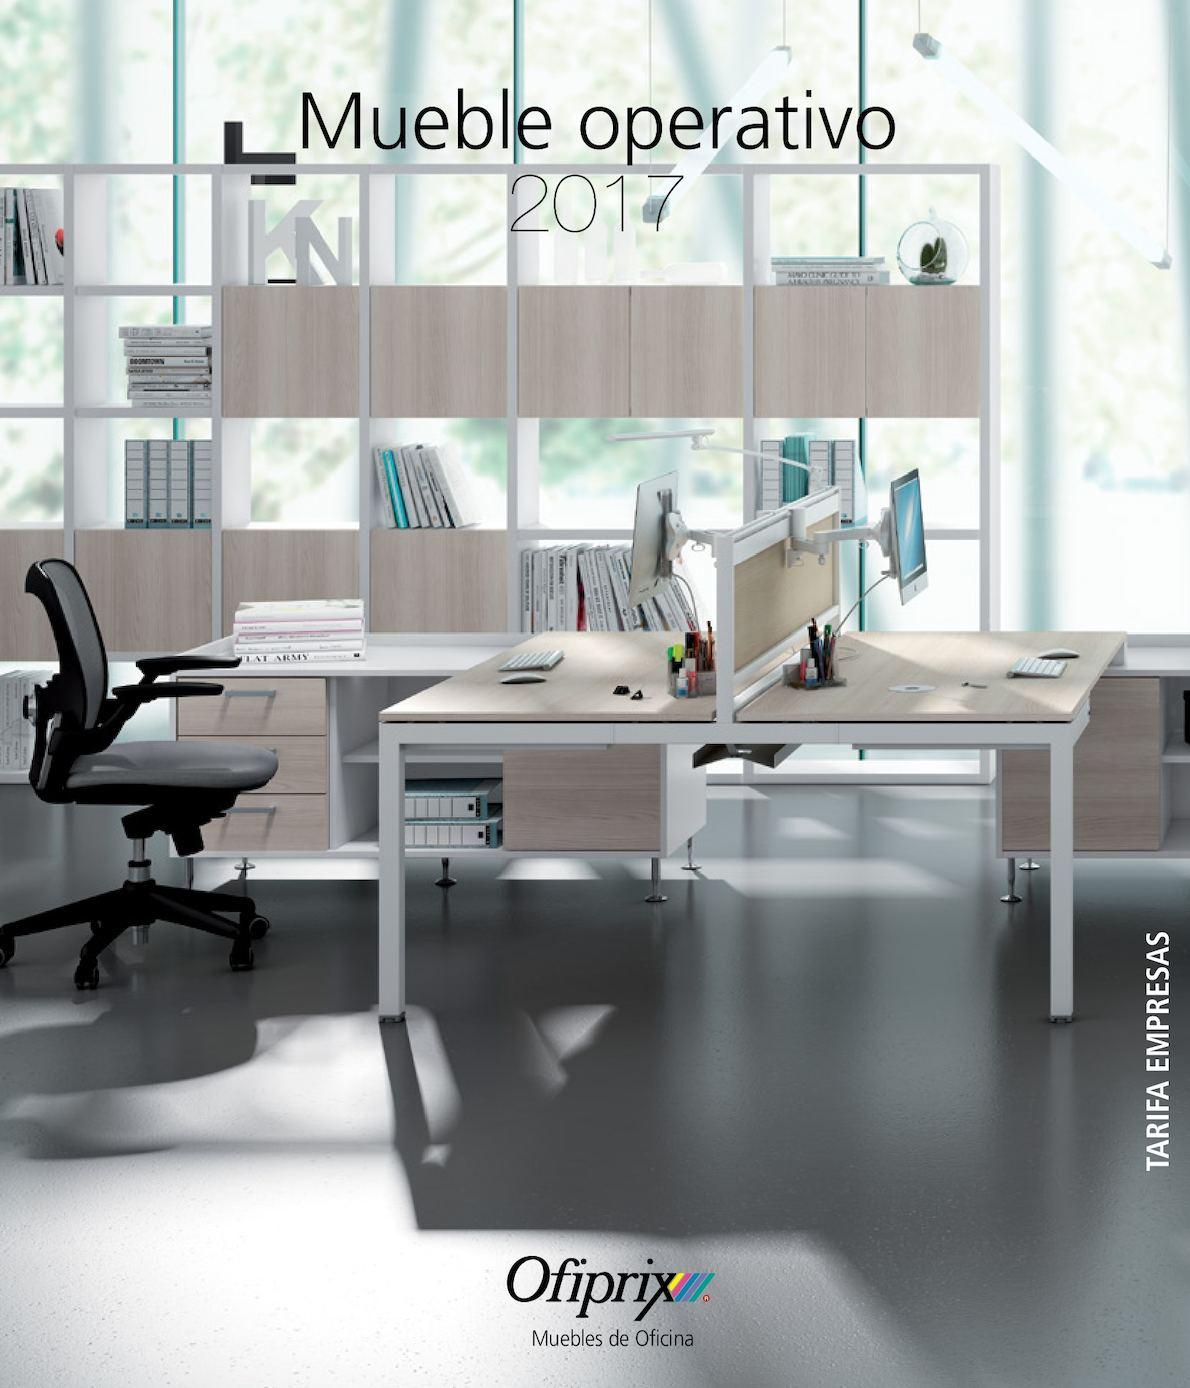 Calam o ofiprix mueble operativo for Muebles de oficina precios